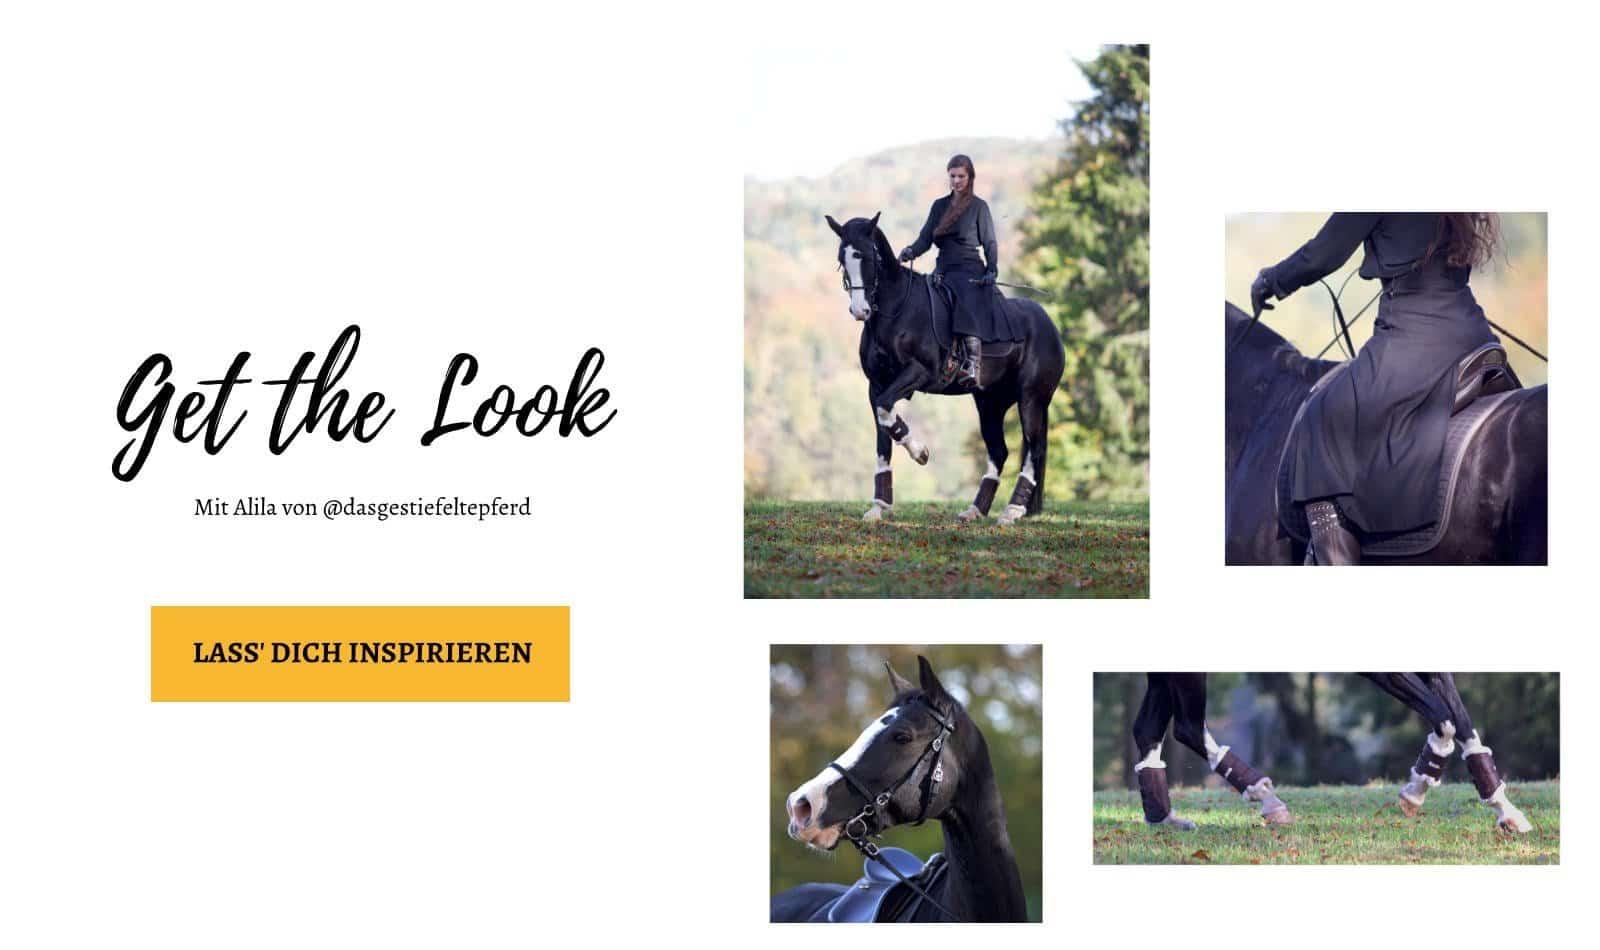 Shop the Look - Schwarze spanische Trense und braune Ledergamaschen